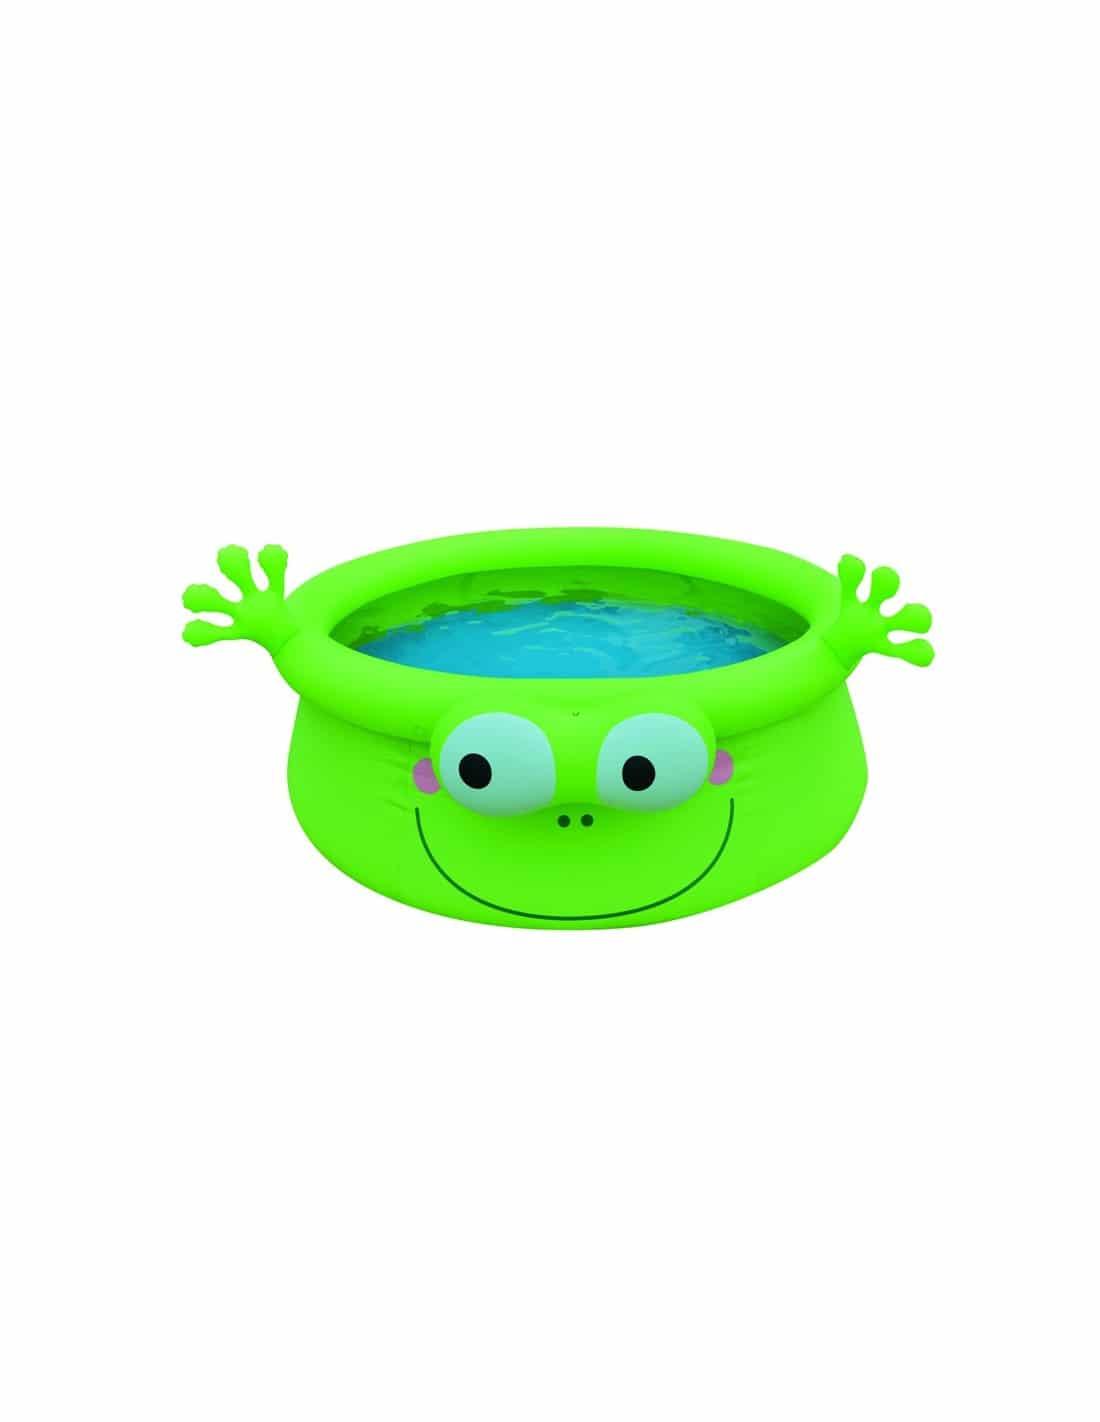 fr autoportantes rondes  piscine ronde xcm grenouille